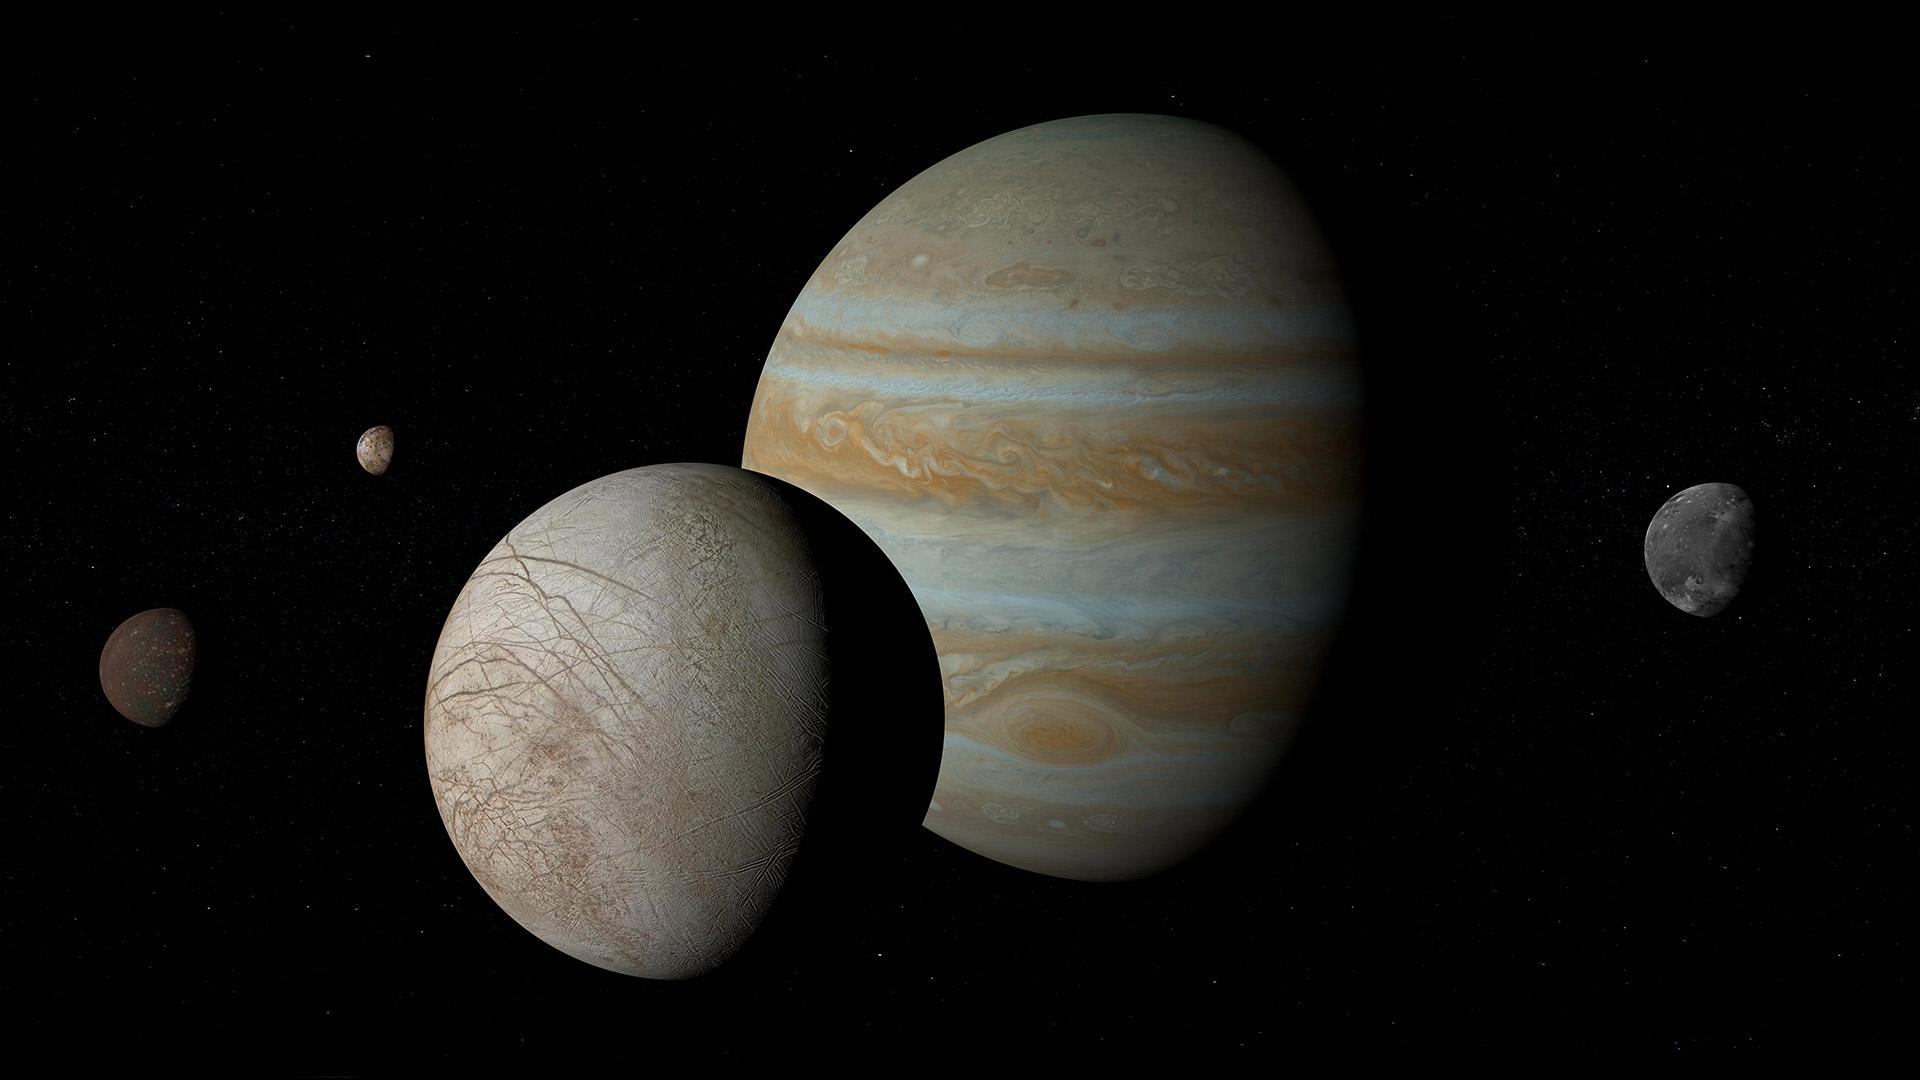 木星的卫星——木卫一、木卫二、木卫三和木卫四木星